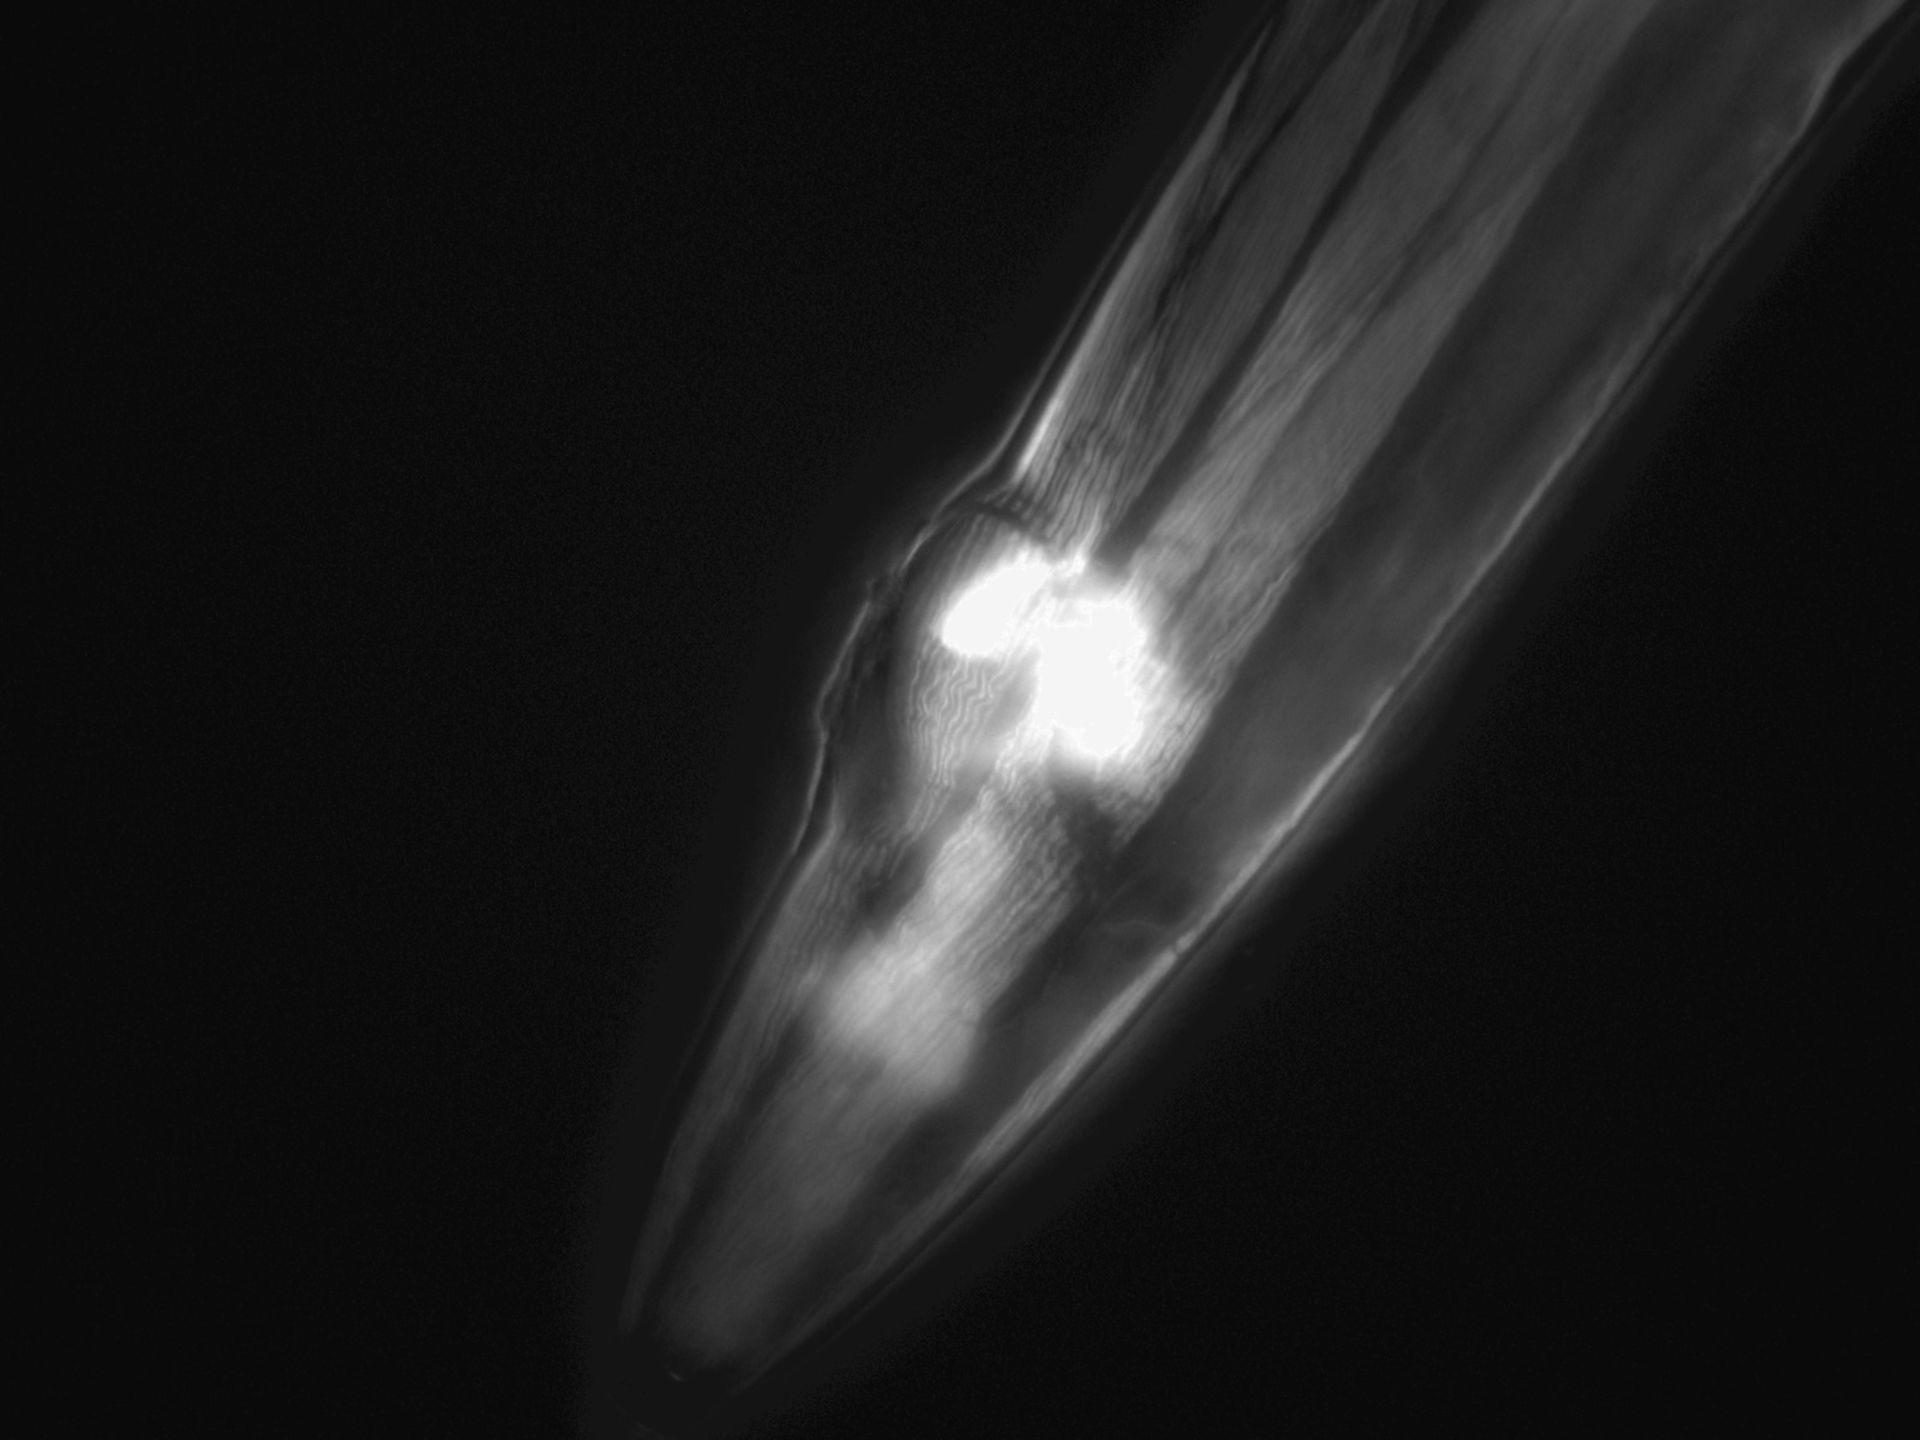 Caenorhabditis elegans (Actin filament) - CIL:1283